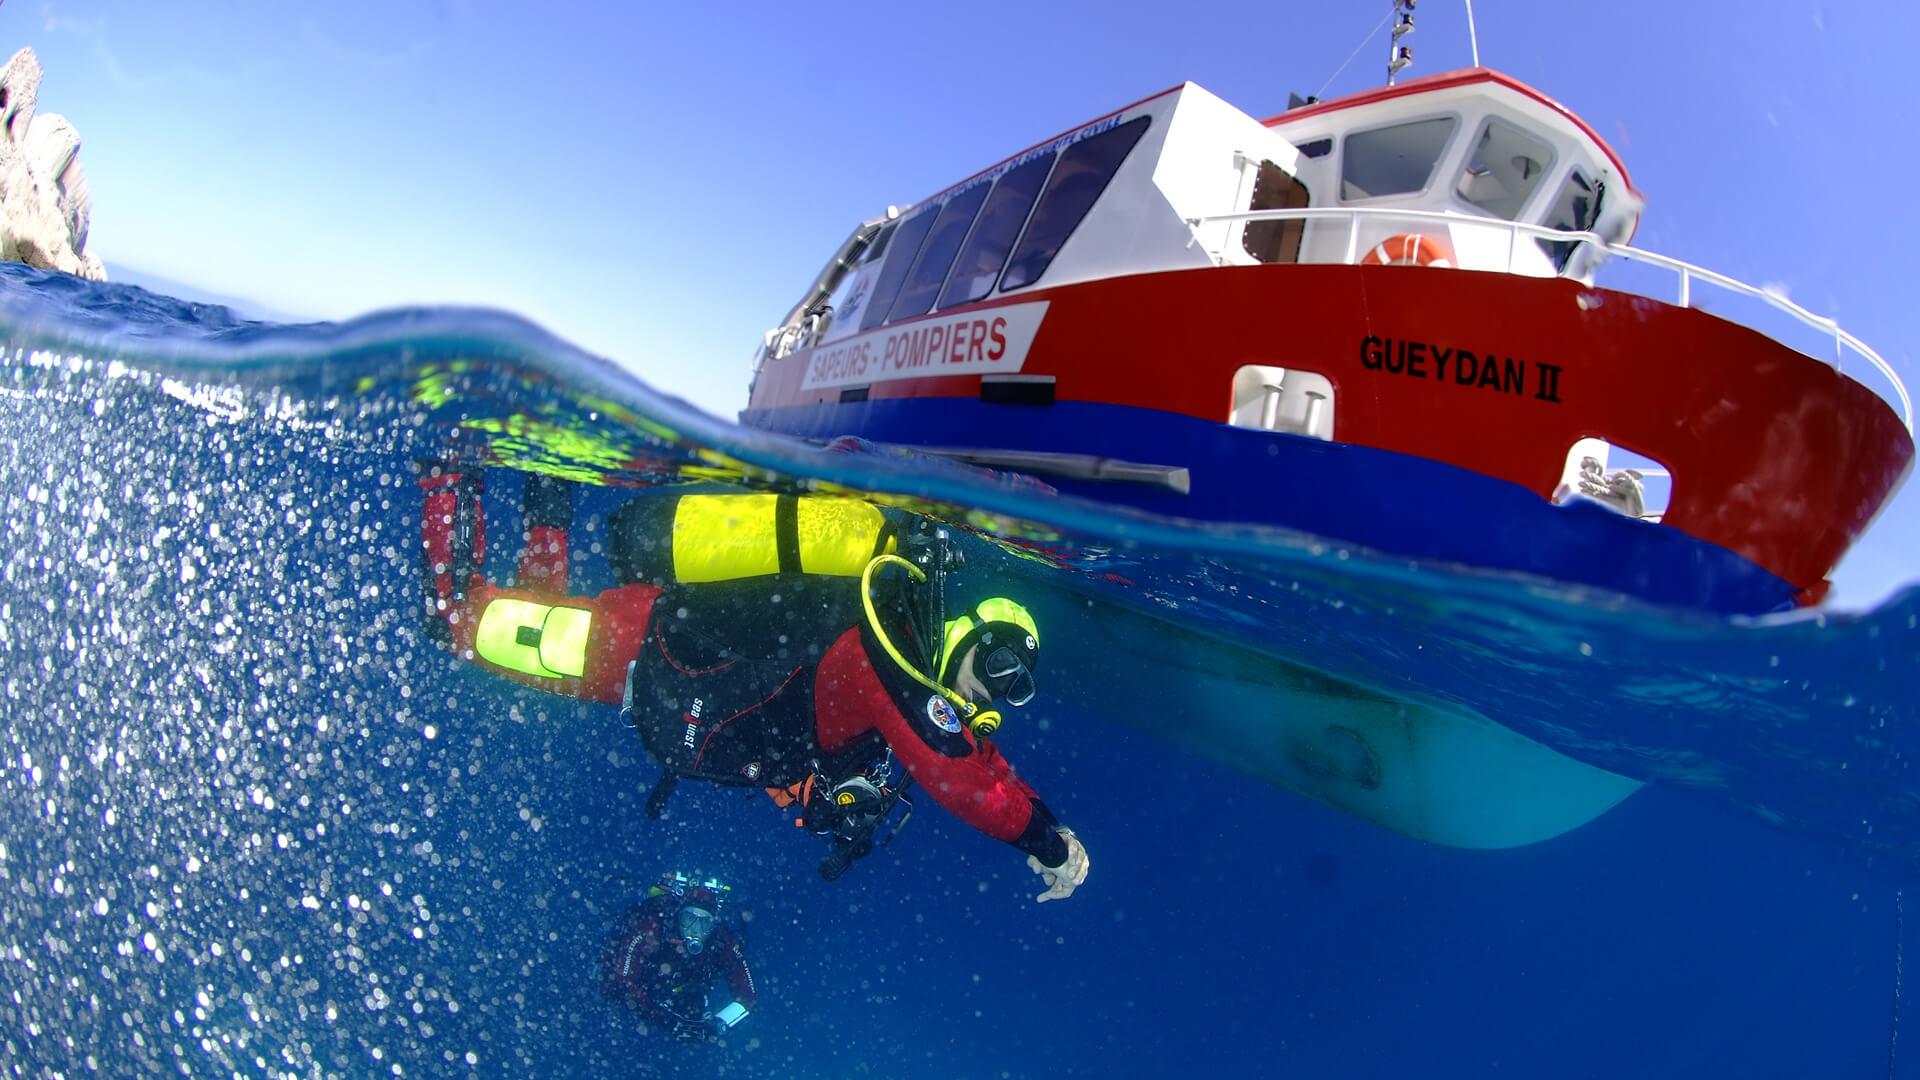 Plongée avec le Geydan II du Centre National de Plongée (CNP) de Valabre